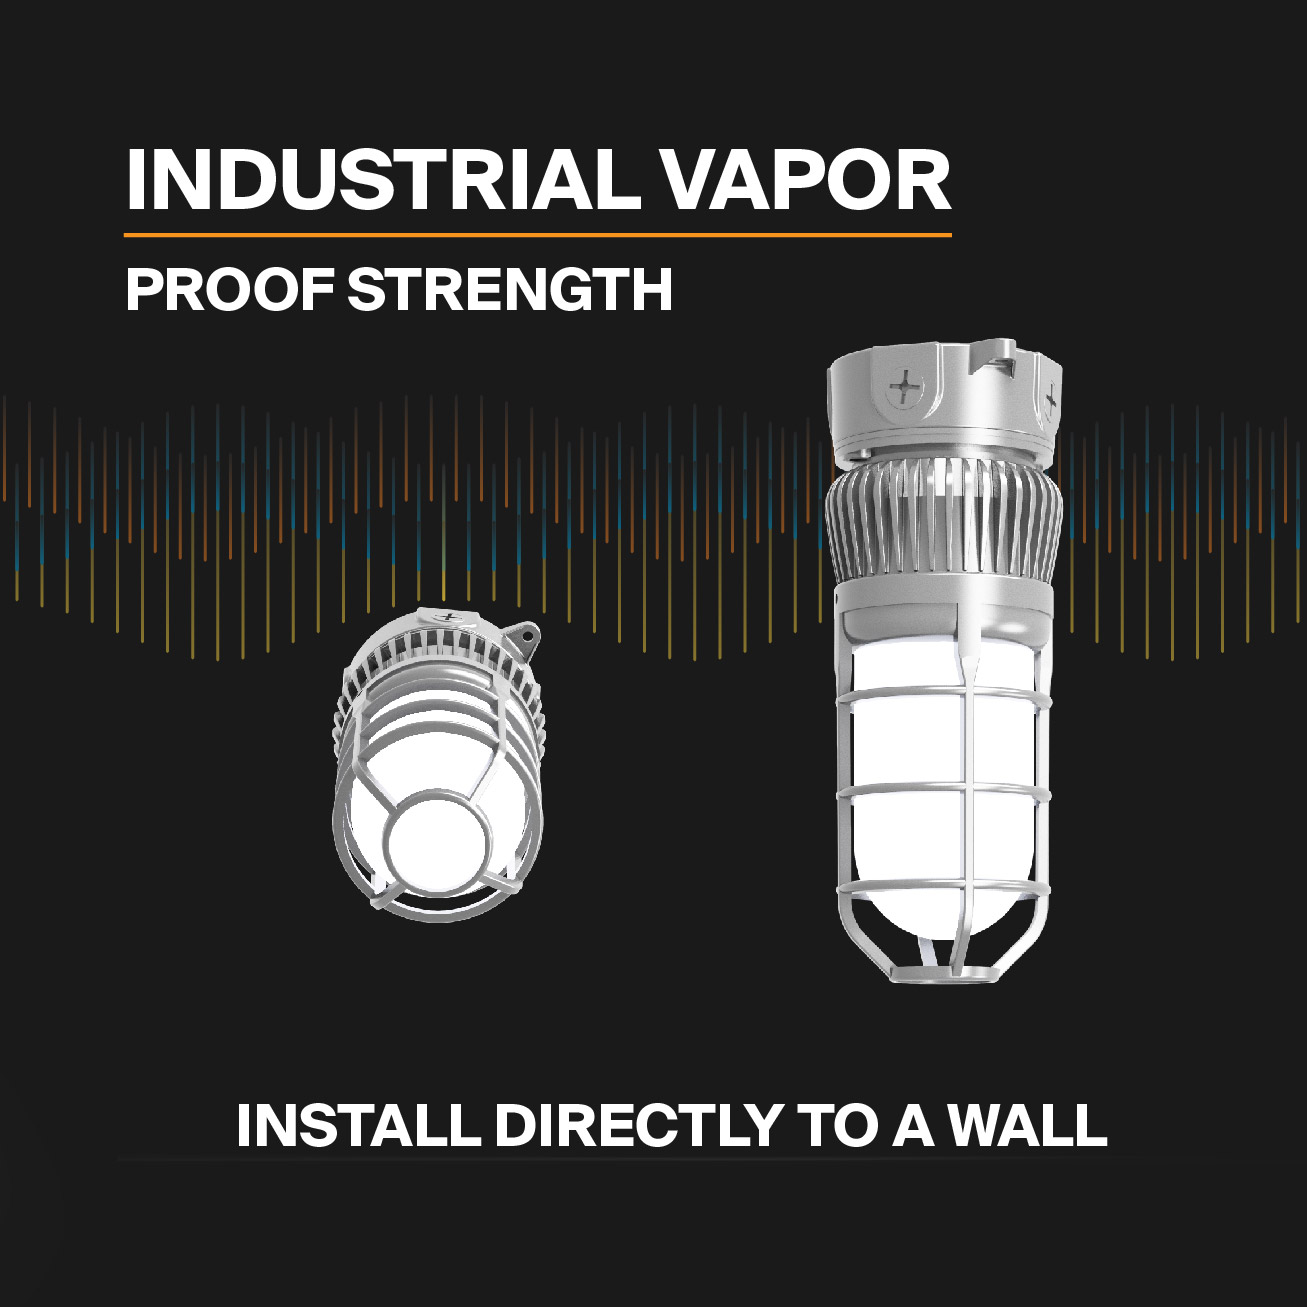 Probrite Vapor14 LED Ceiling Light Vapor Tight